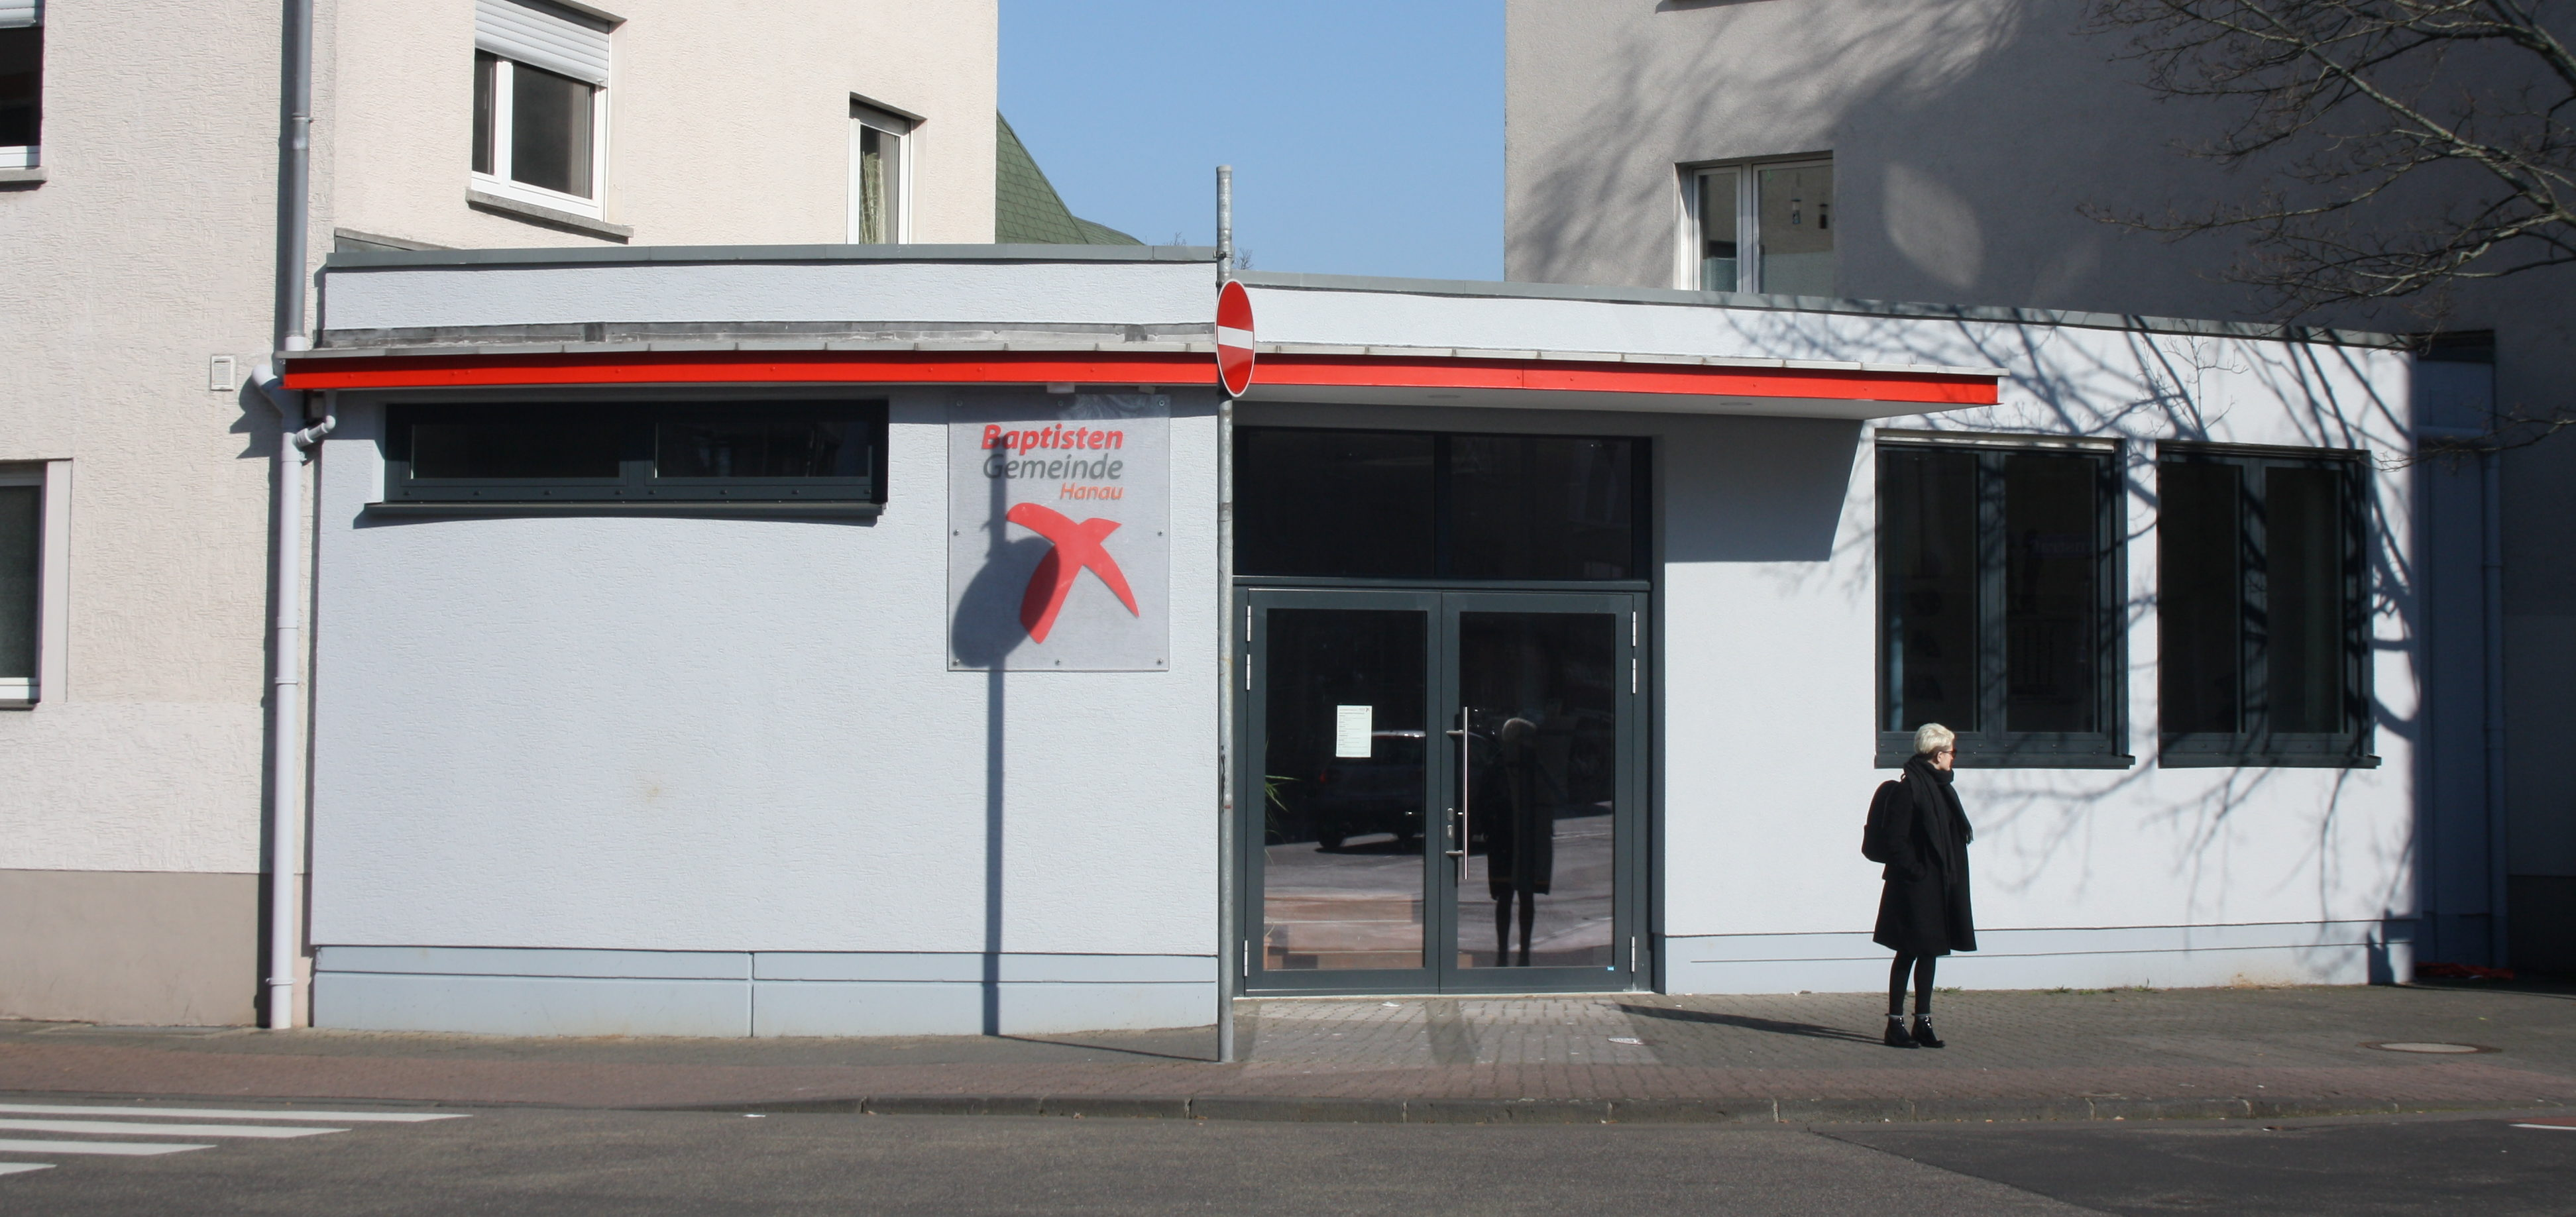 Baptistengemeinde Hanau